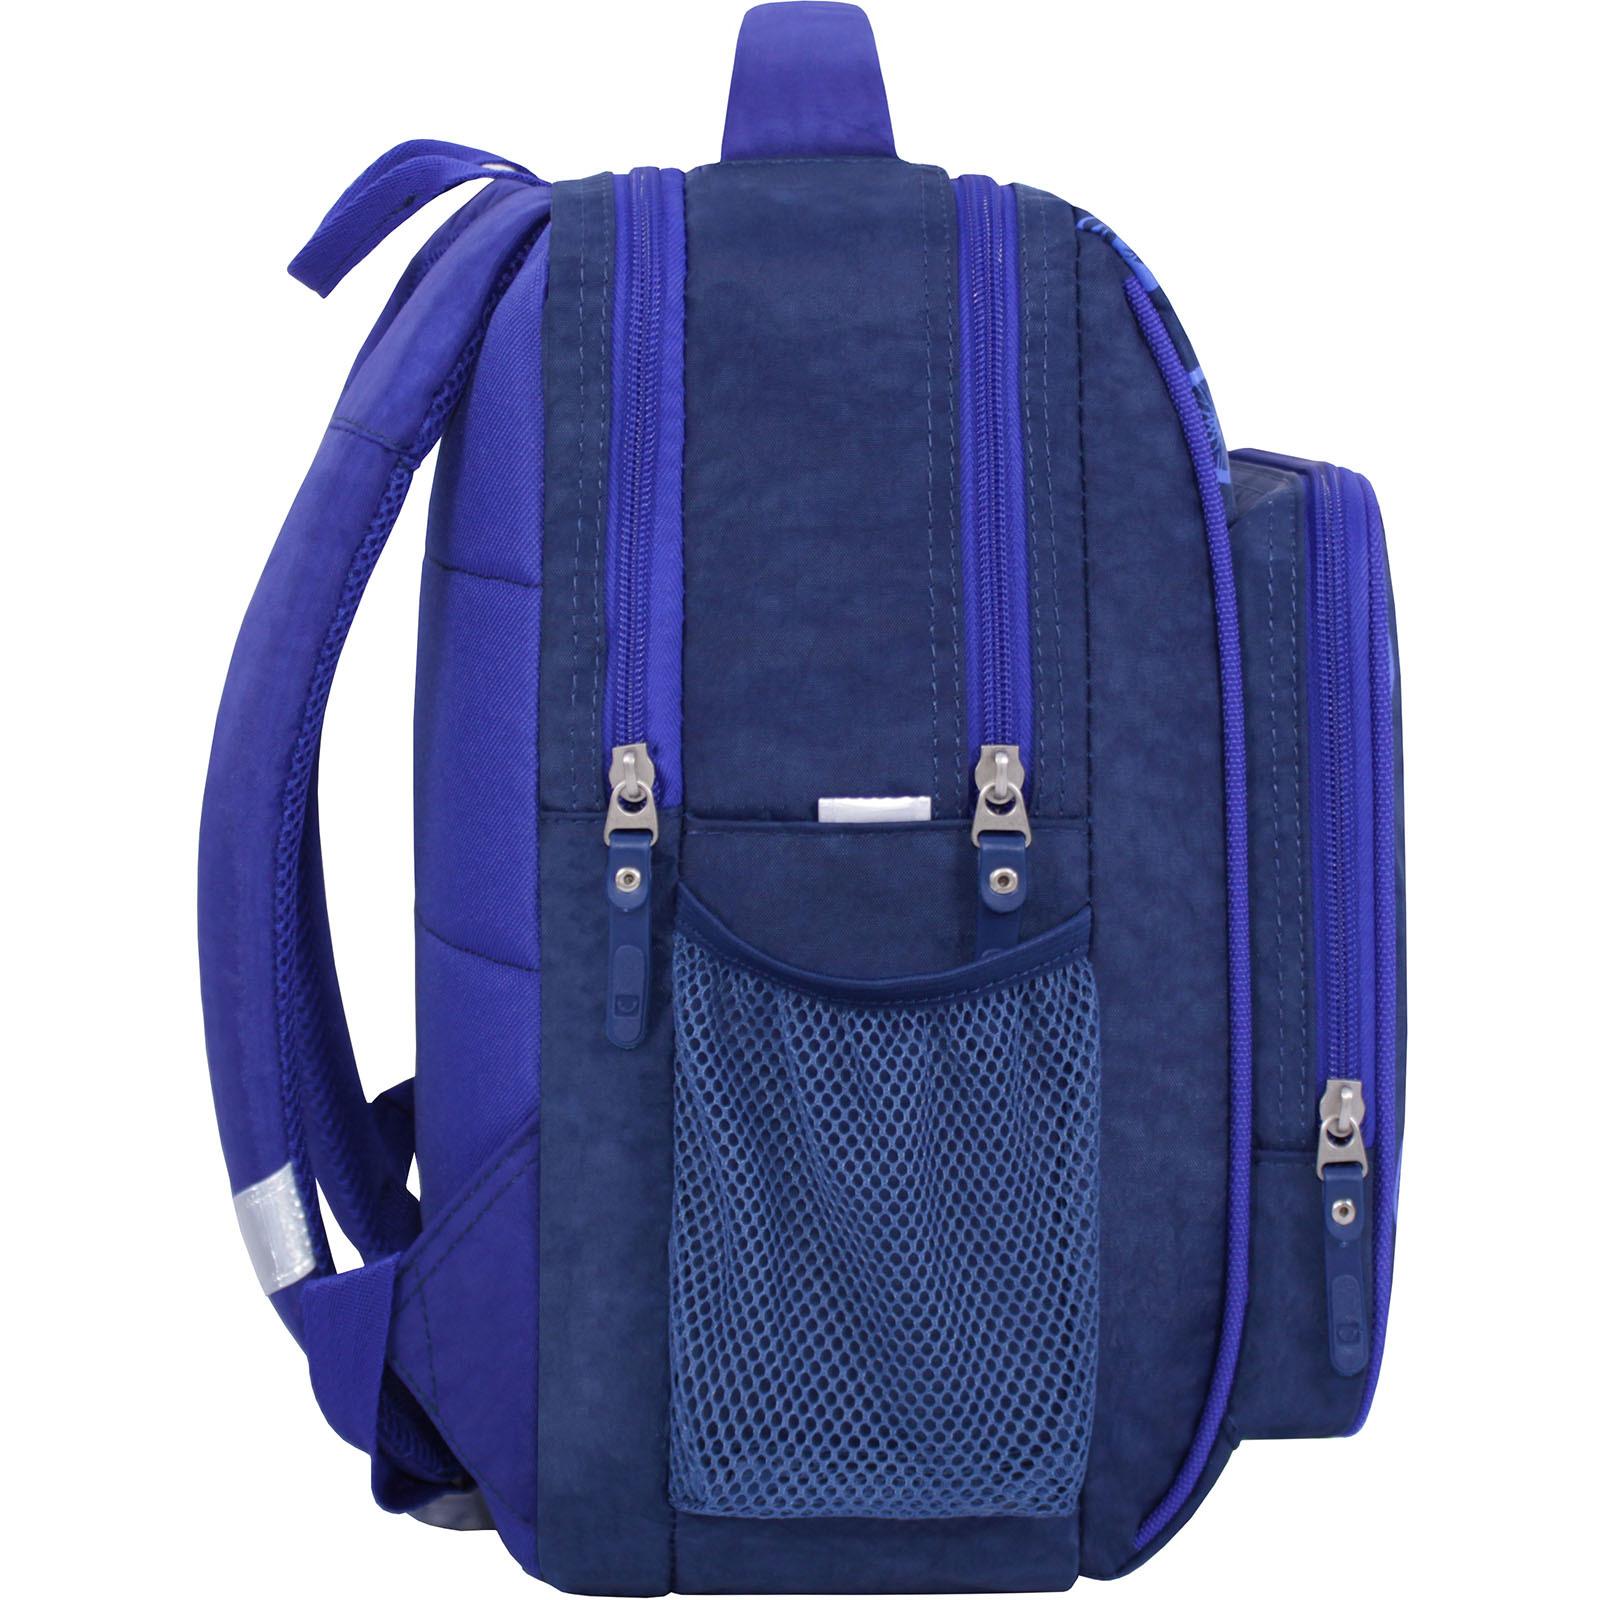 Рюкзак школьный Bagland Школьник 8 л. 225 синий 534 (00112702) фото 2